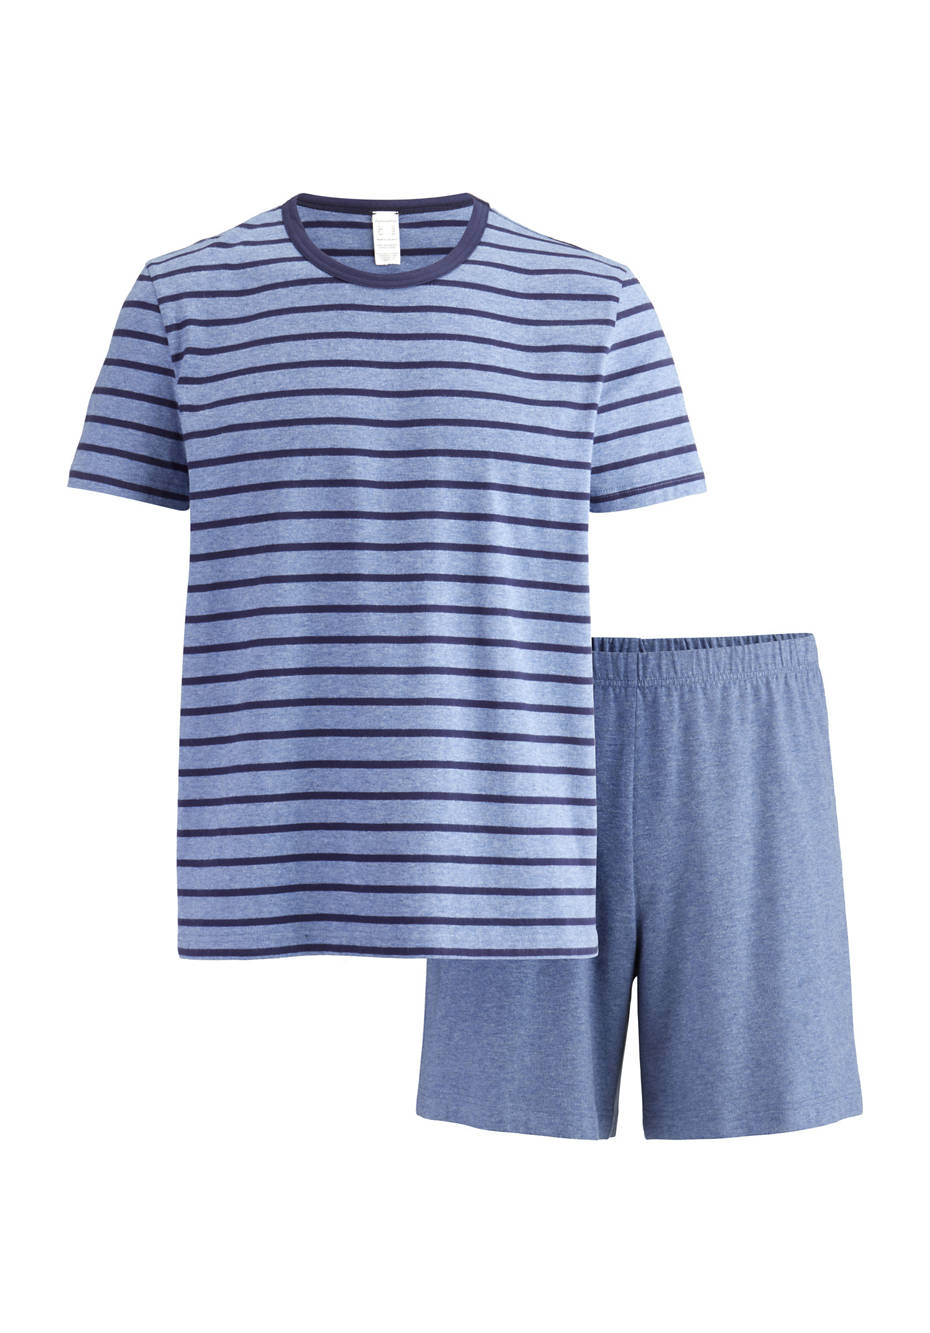 Herren Kurzer Pyjama aus reiner Bio-Baumwolle